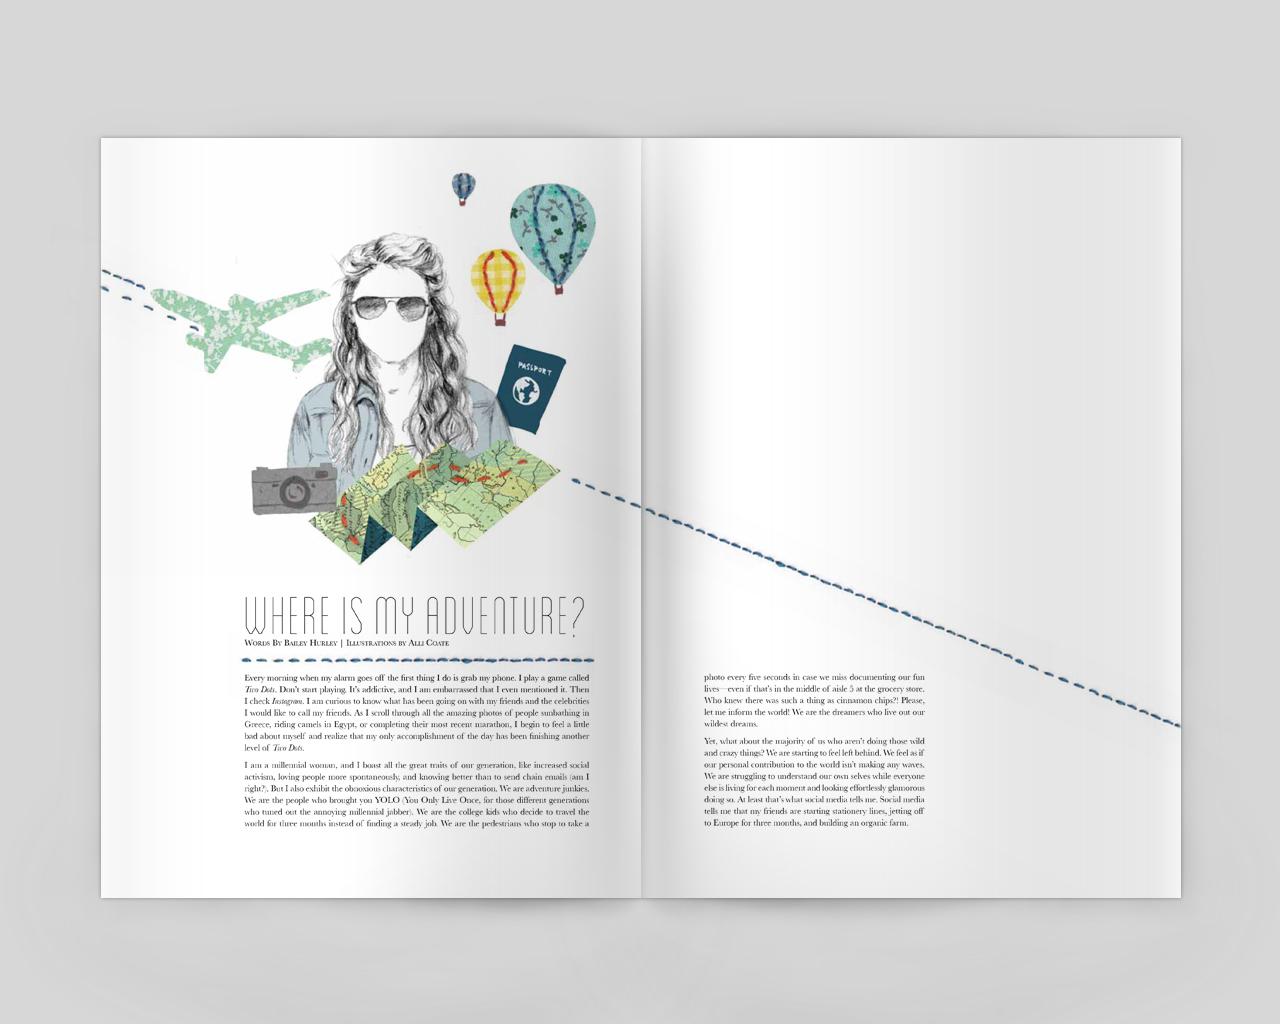 Alli-Coate-Illustration-Deeply-Rooted-Magazine-Adventure-1.jpg